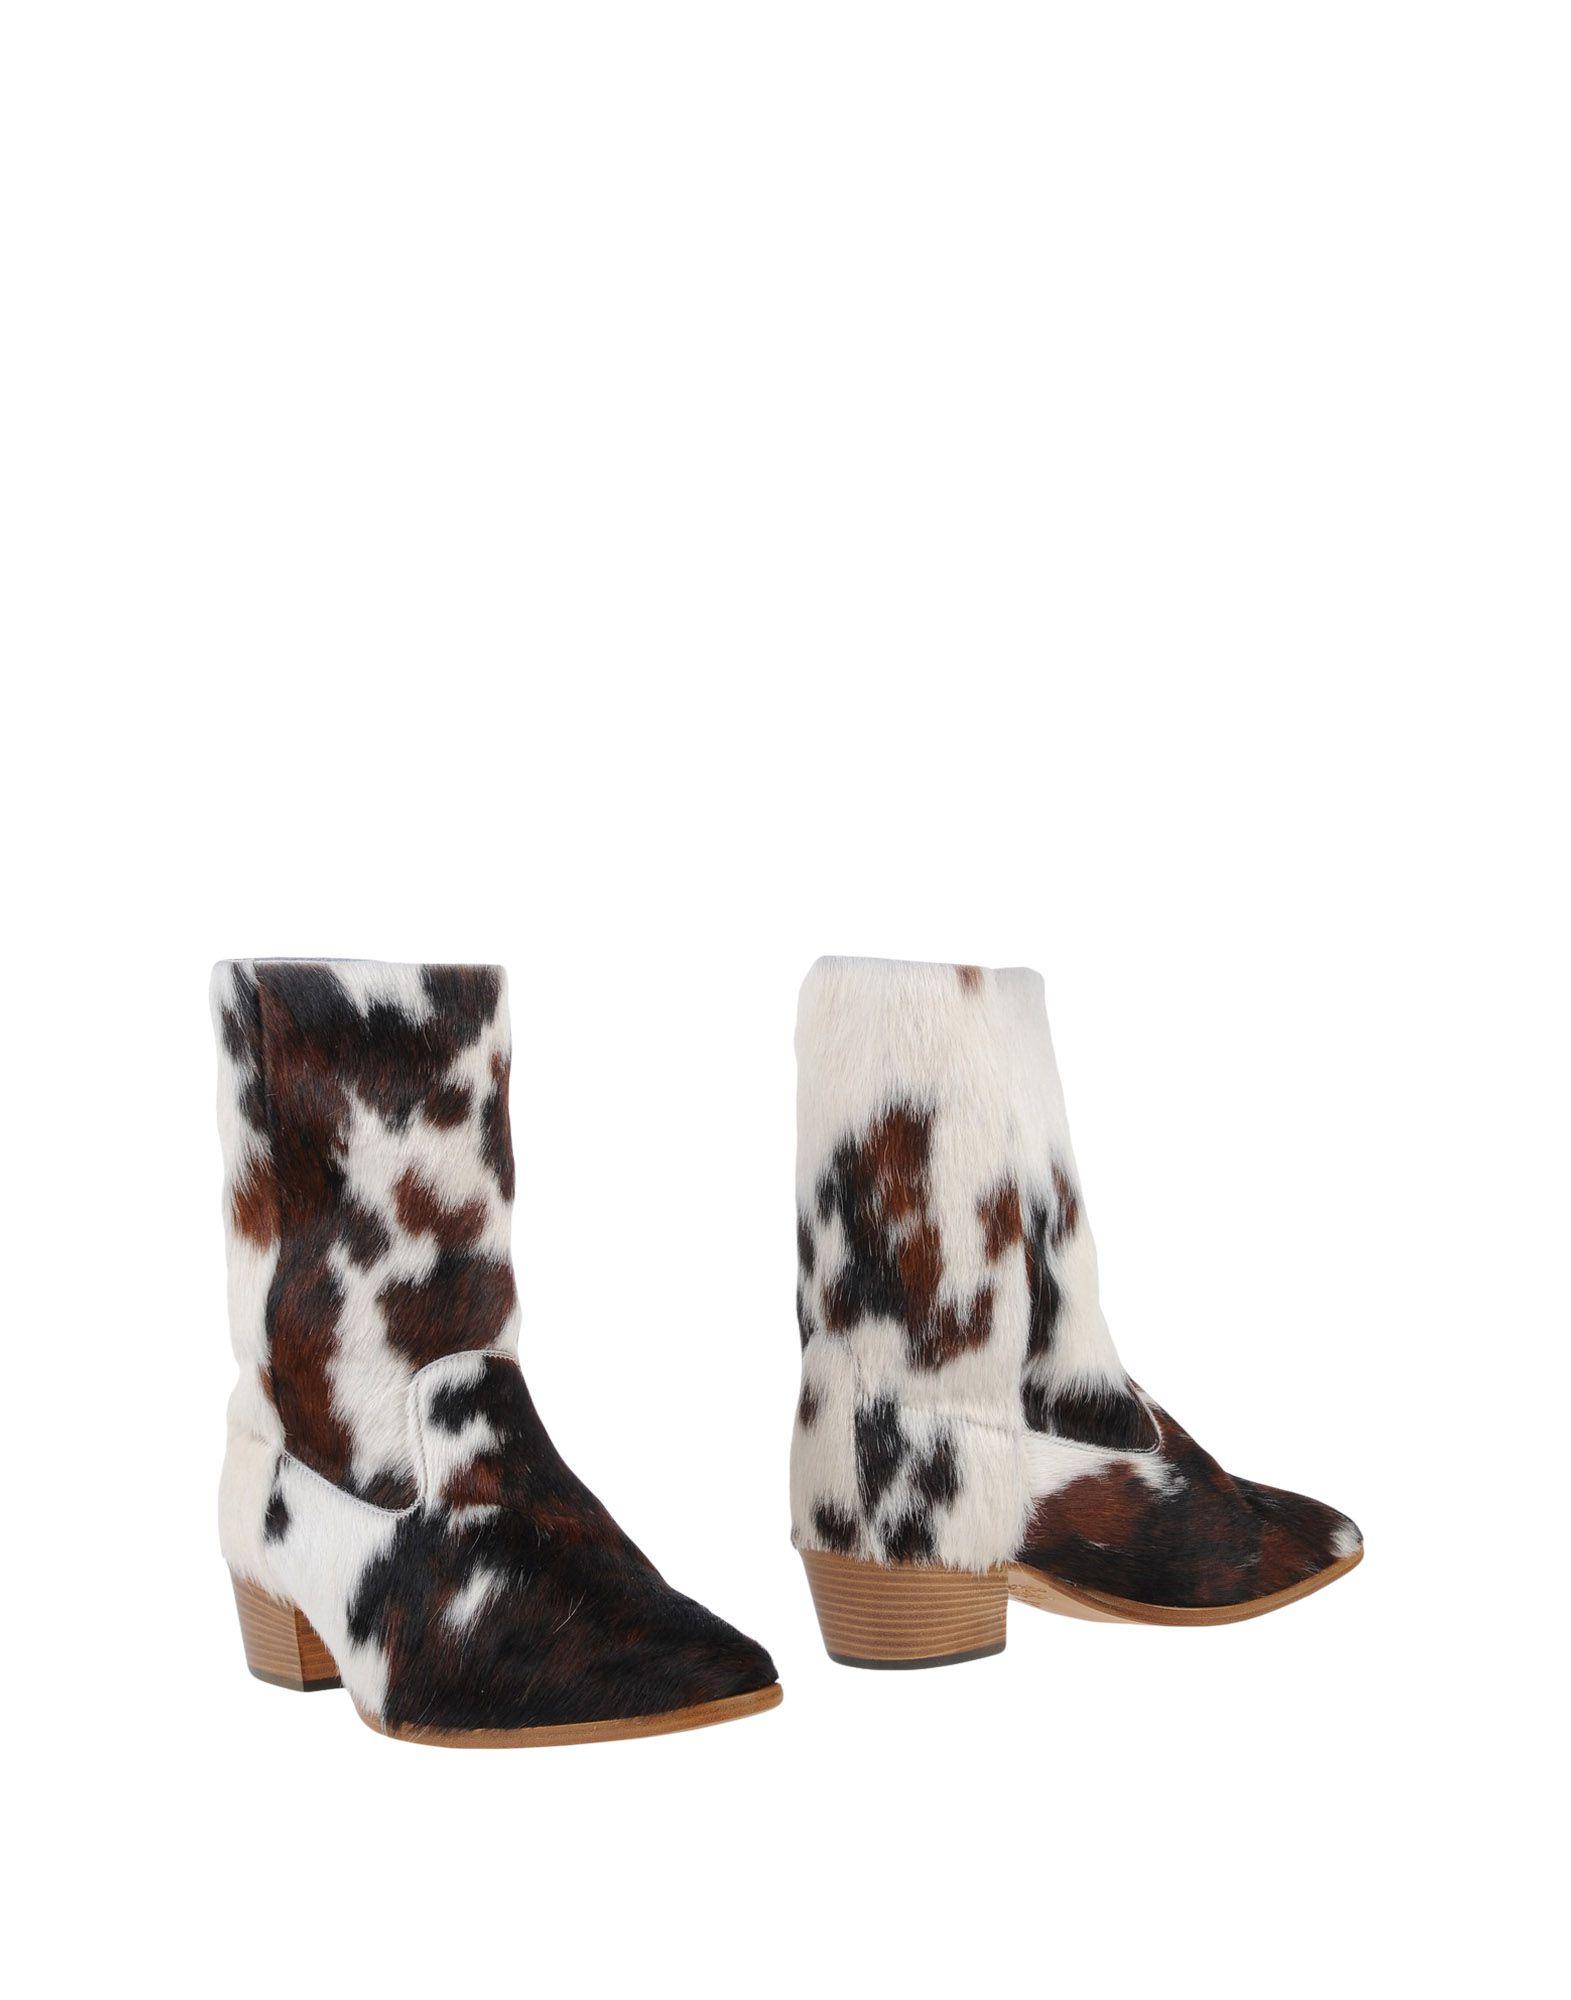 Vivienne Westwood Stiefelette Herren  11407524IQ Gute Qualität beliebte Schuhe